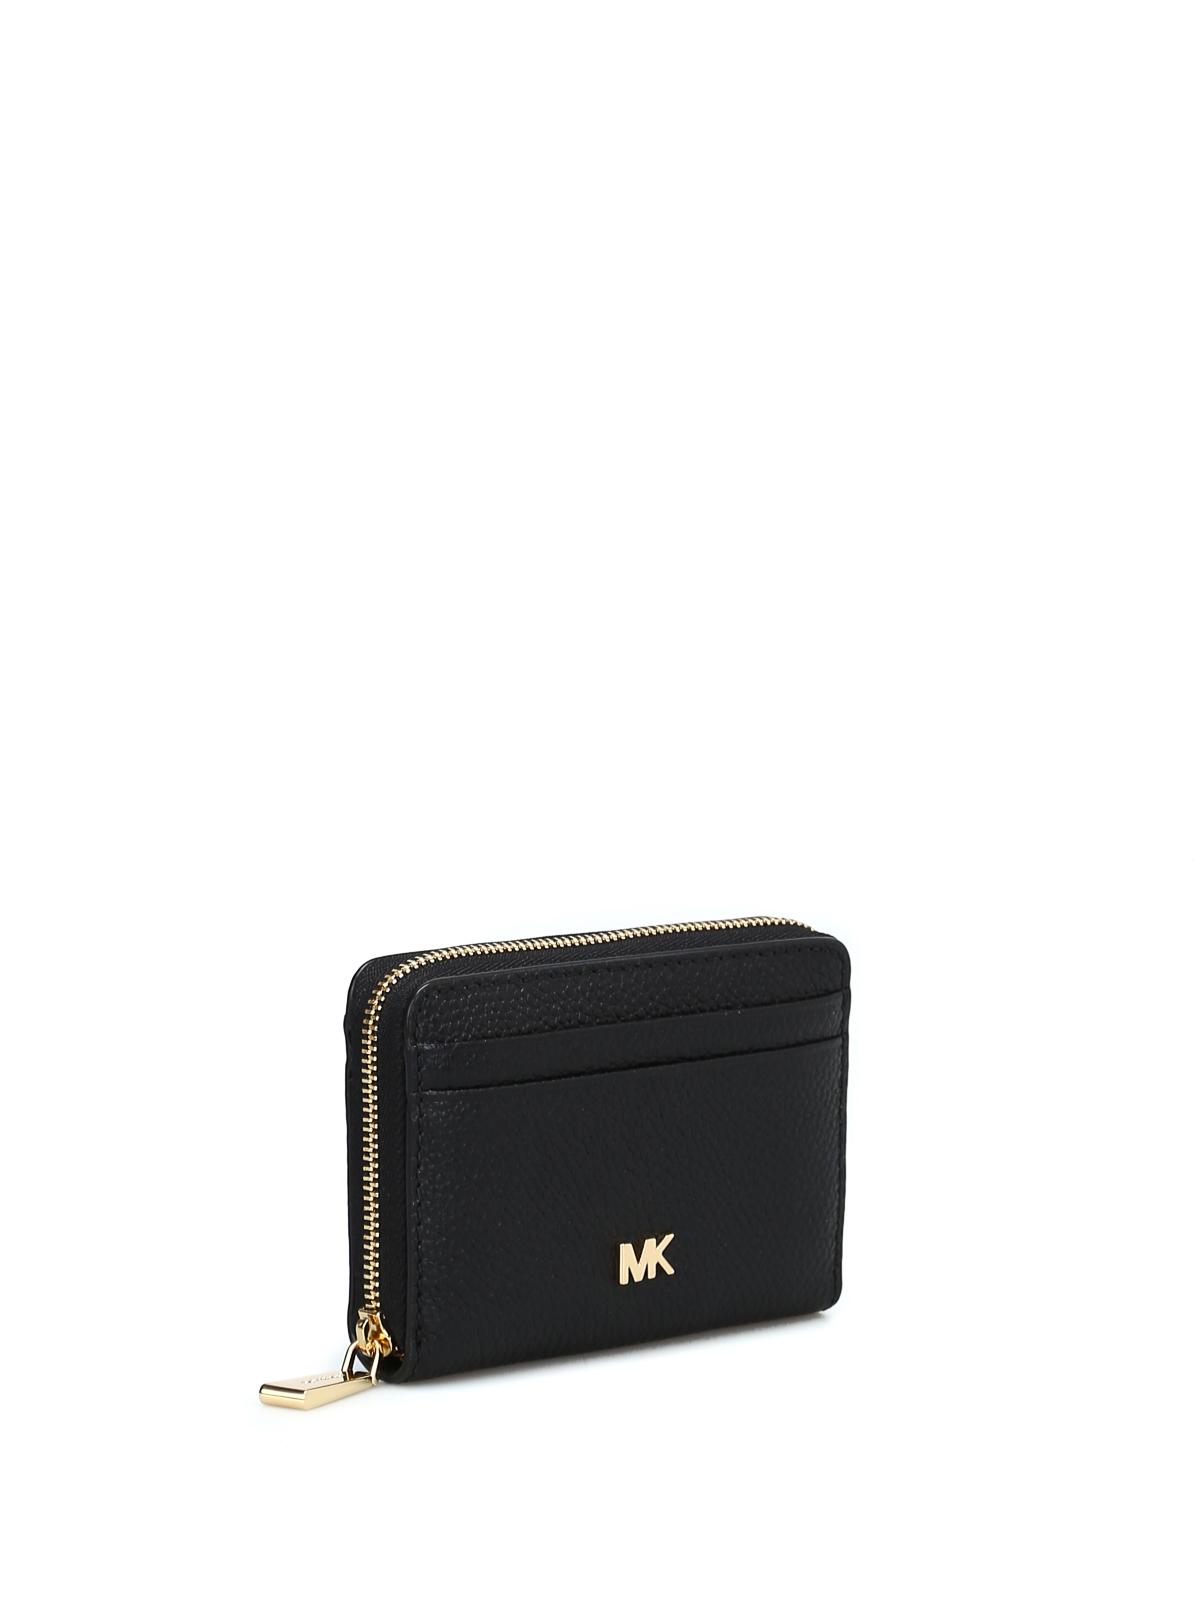 Michael Kors Money Pieces black card case wallets